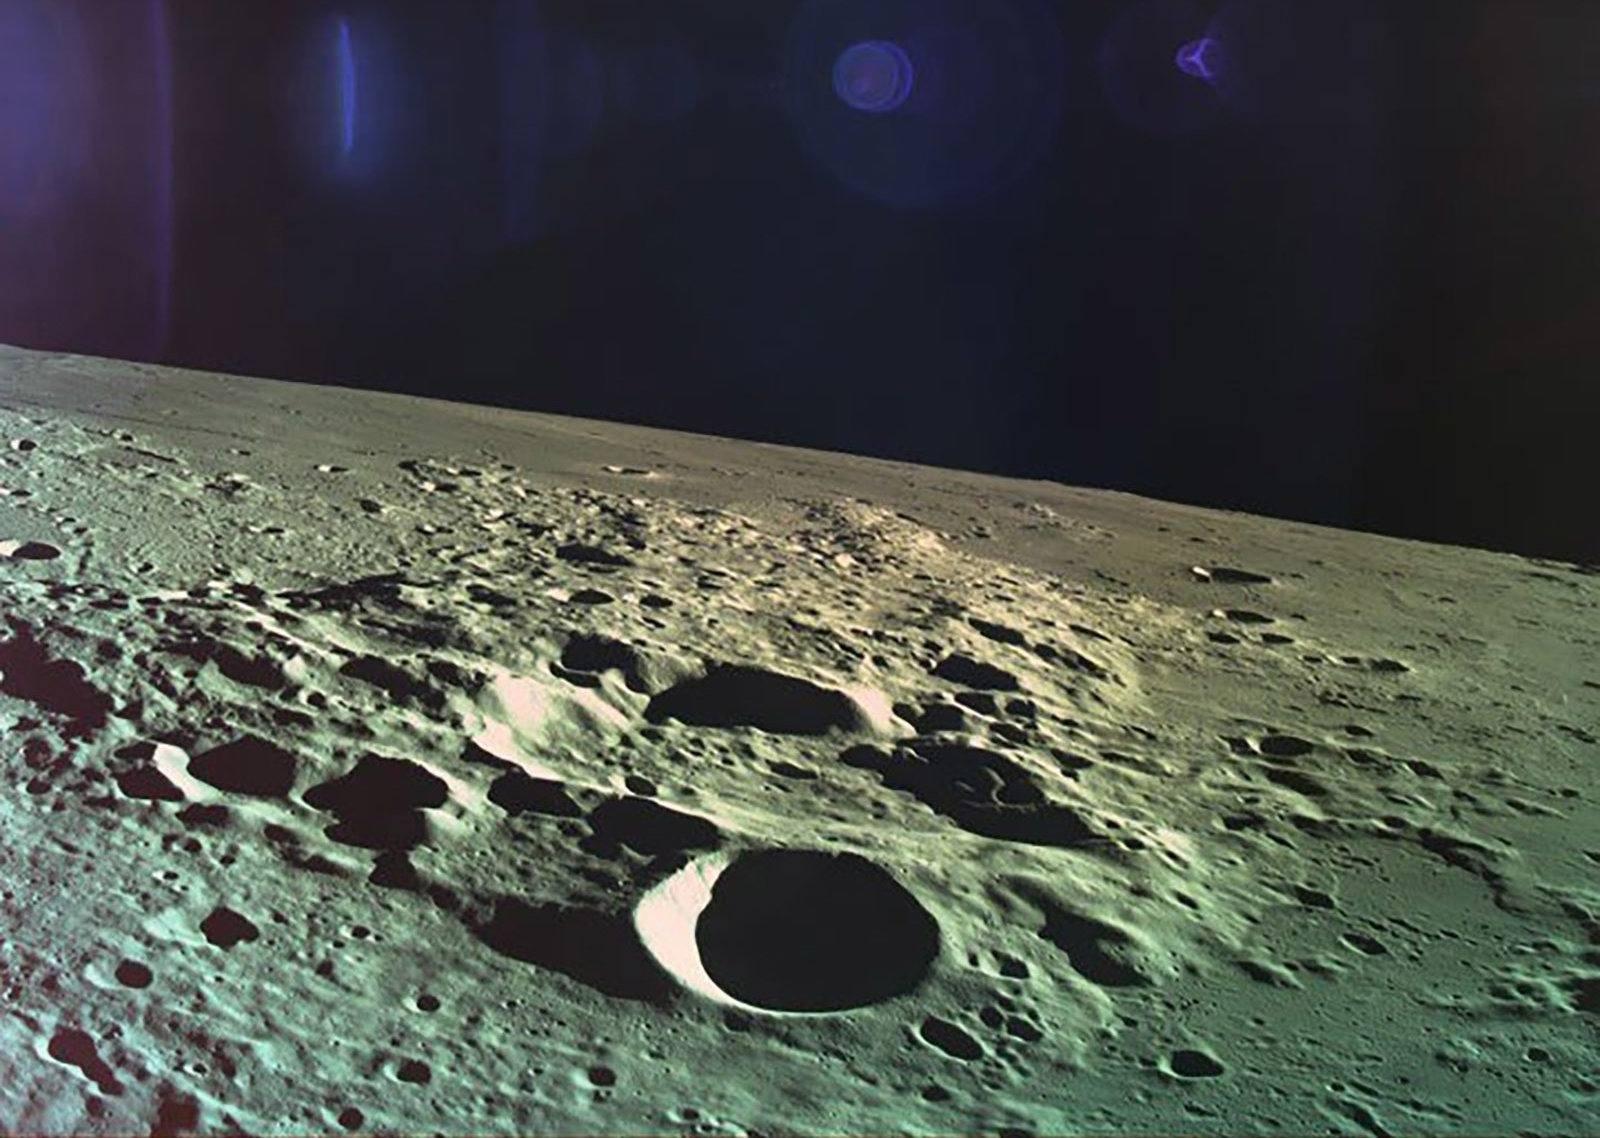 spacecraft found on moon - HD1600×1138